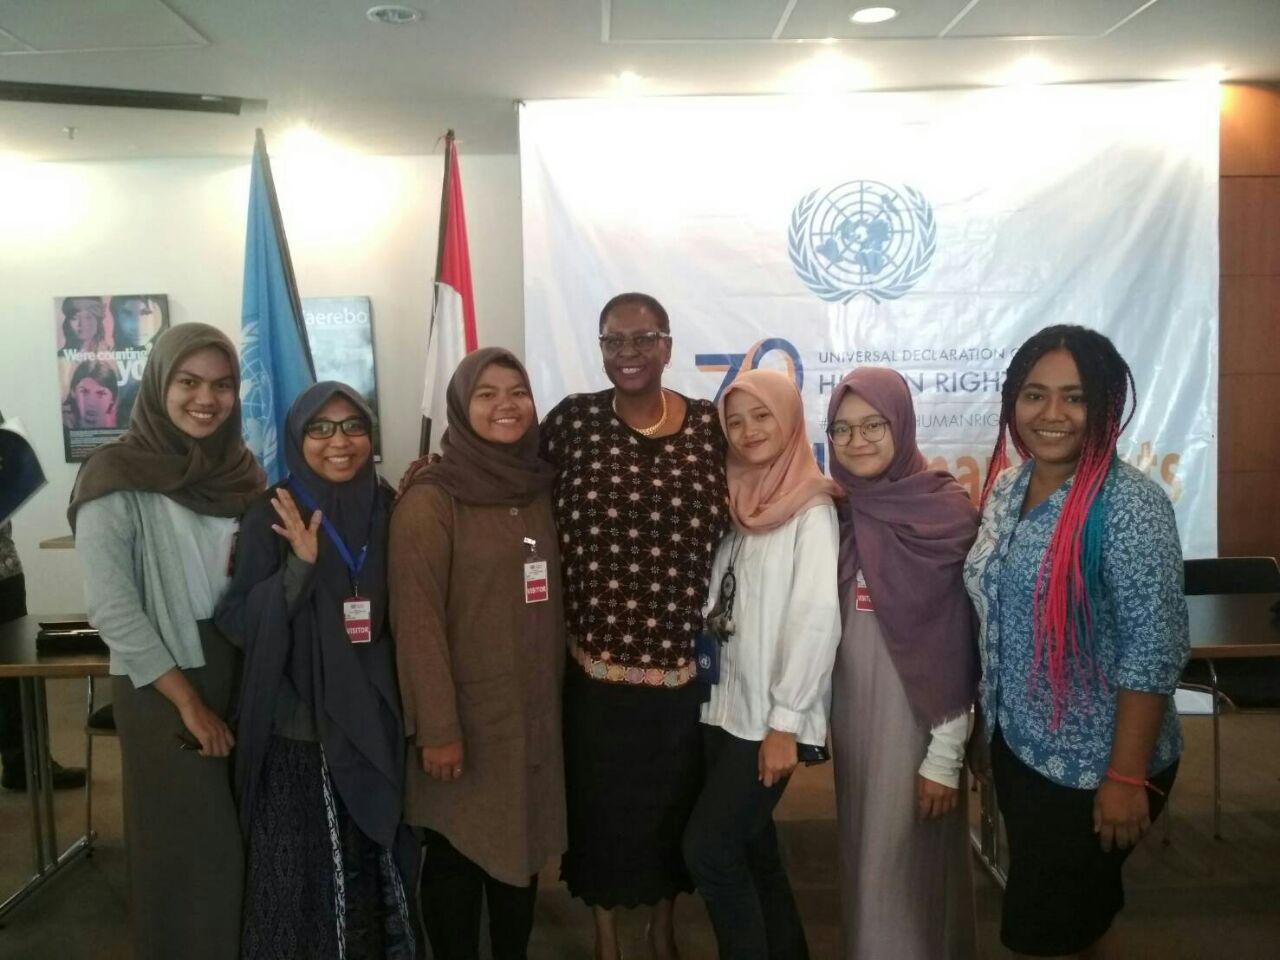 Dosen dan Mahasiswa Prodi HI berpartisipasi dalam kegiatan Human Rights Day oleh UNIC, Jakarta (15/12/17)